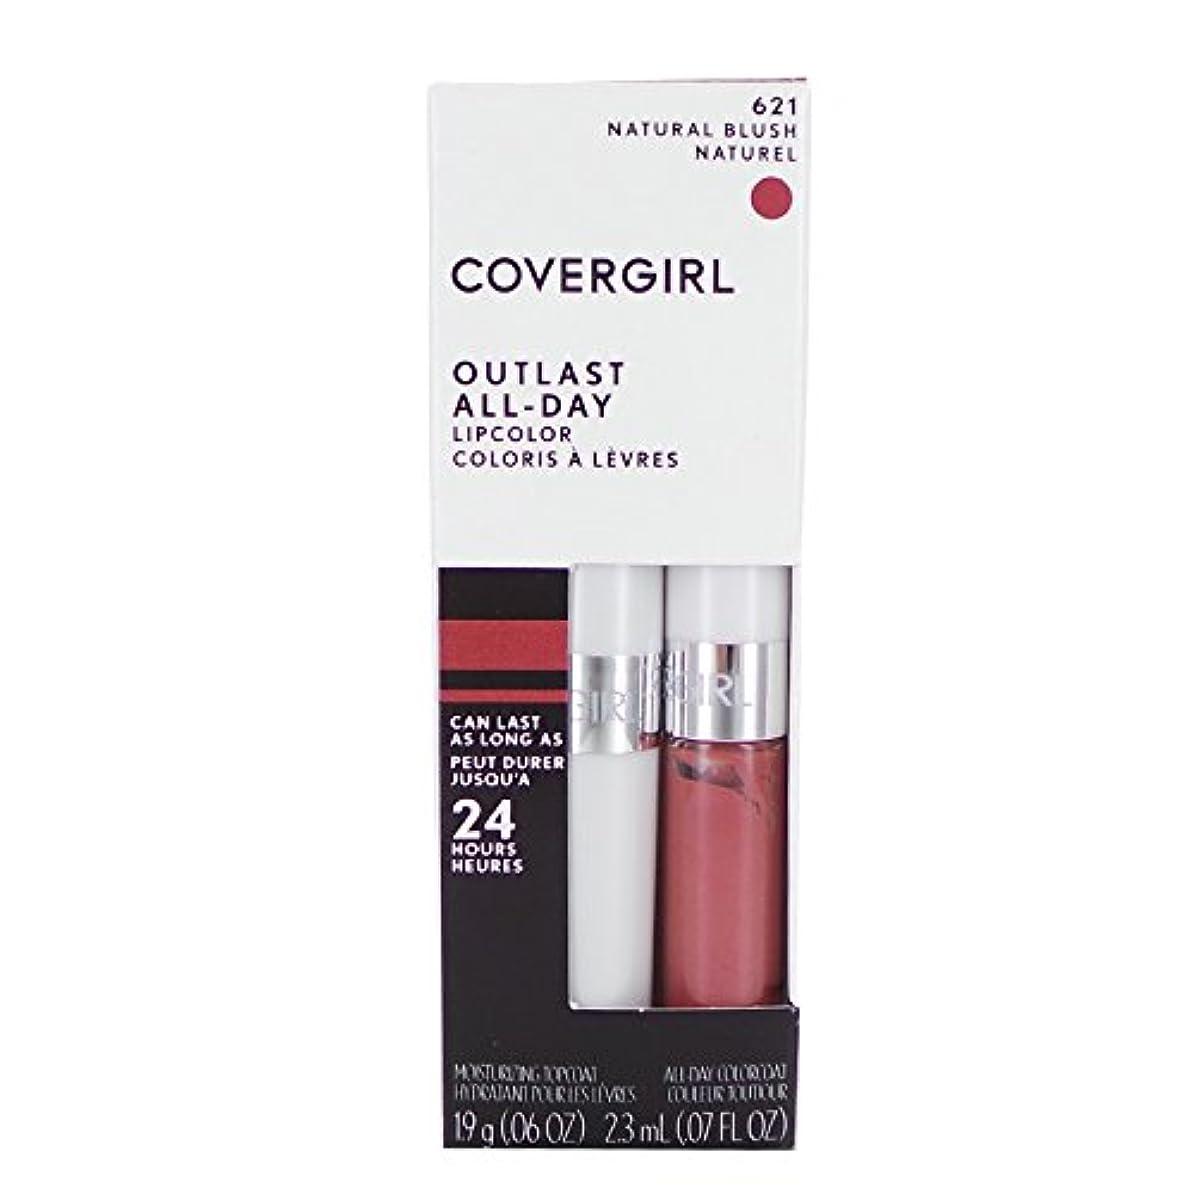 鹿海外でに対処する(3 Pack) COVERGIRL Outlast All-Day Lip Color - Natural Blush 621 (並行輸入品)